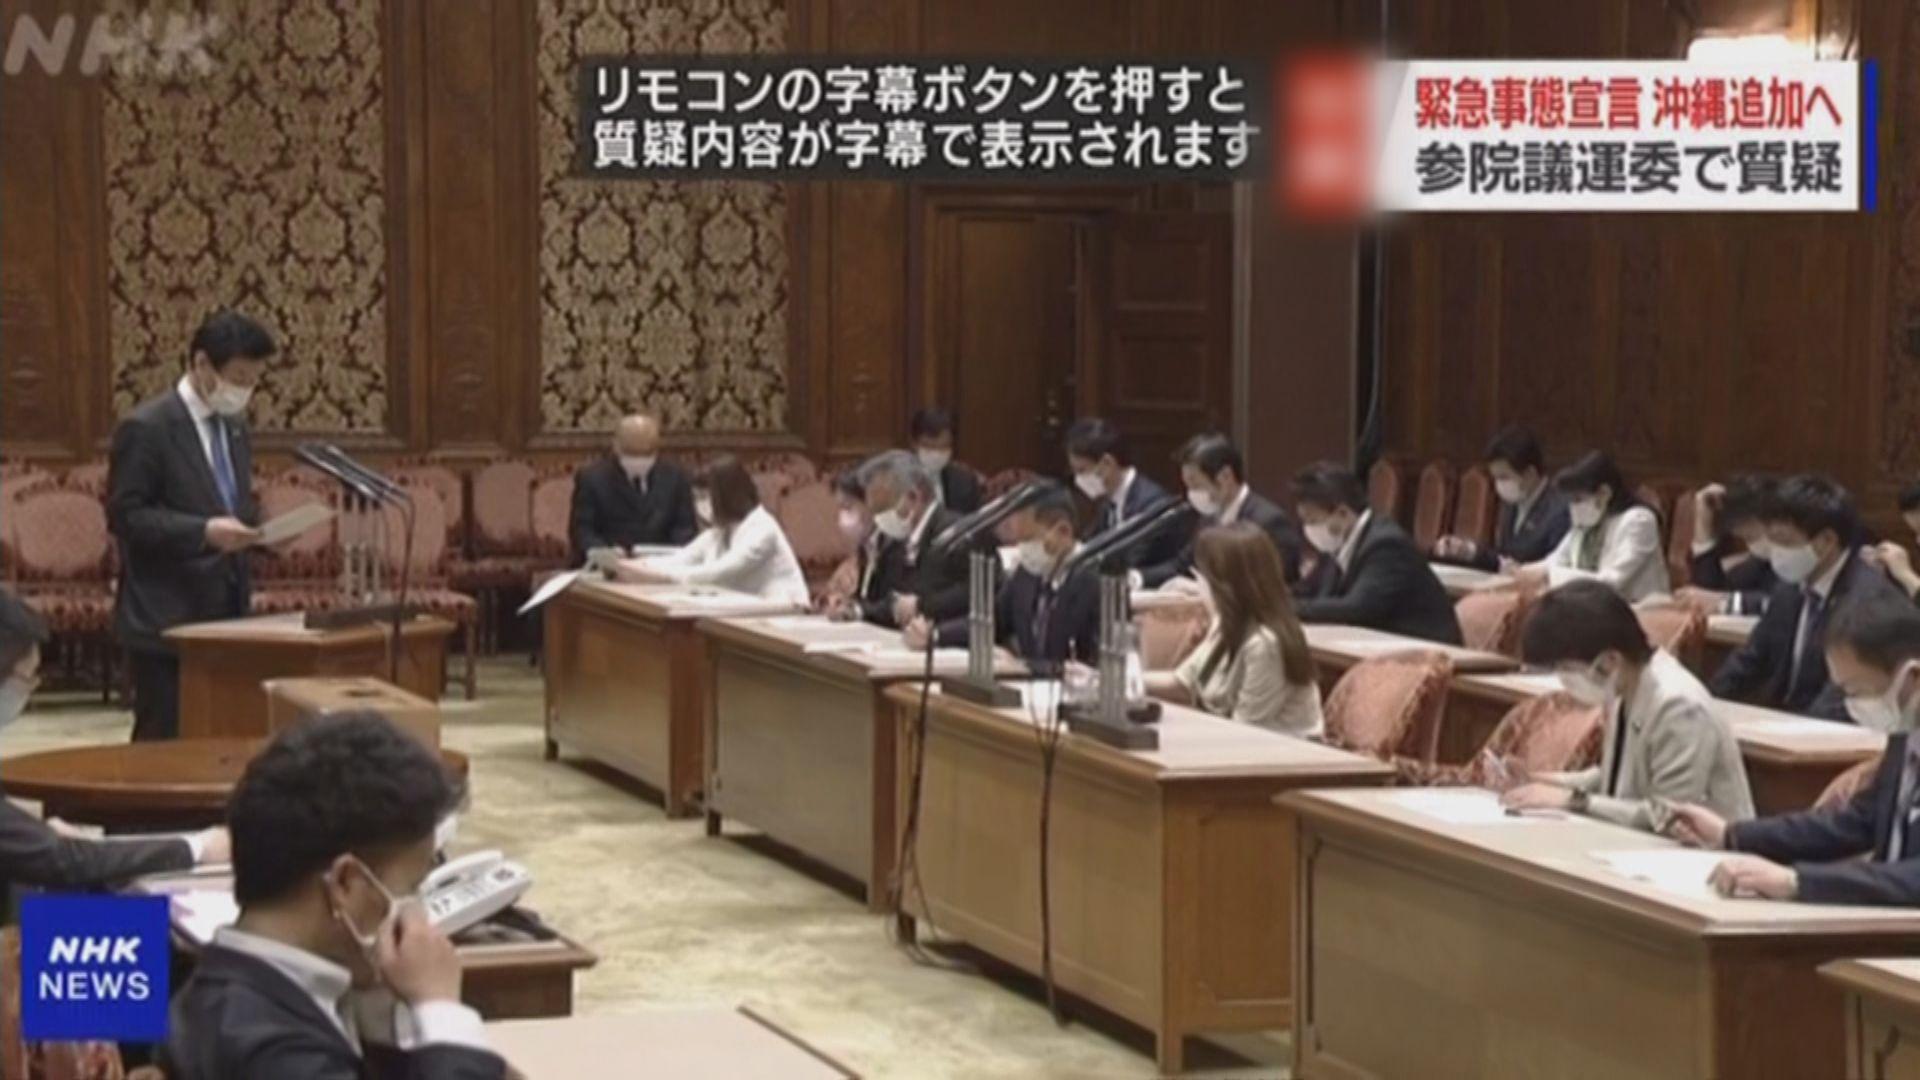 日政府決定在沖繩發布緊急事態宣言 周日起實施